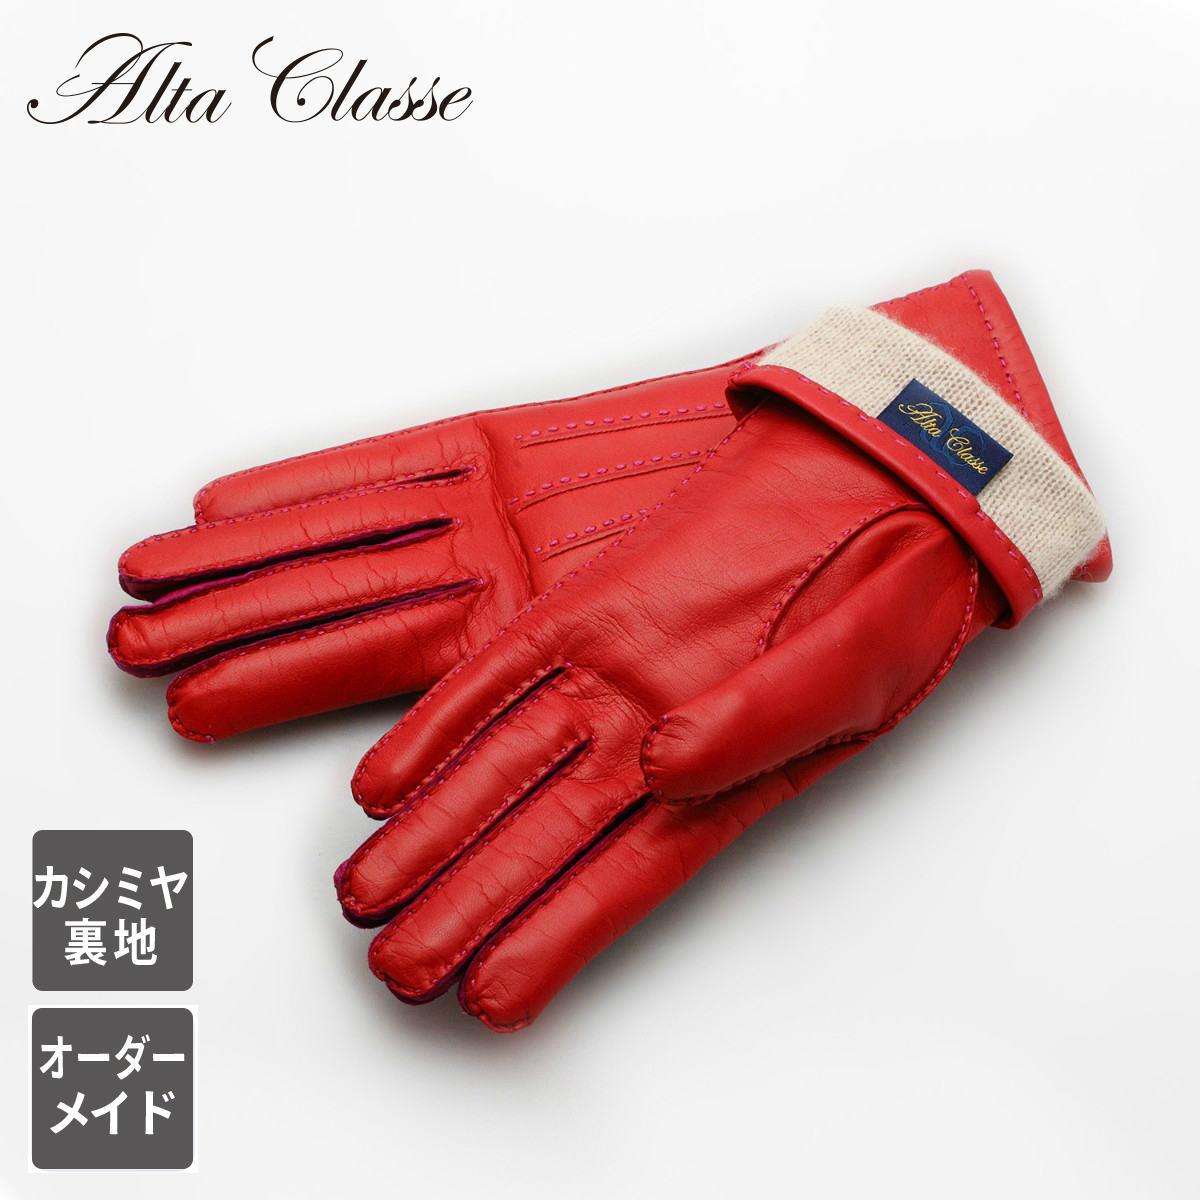 パターンオーダー 手袋 革手袋 アルタクラッセ カプリガンティ レディース ハンドステッチ シープレザー カシミヤニット裏地手袋 保存袋付き 専用箱入り